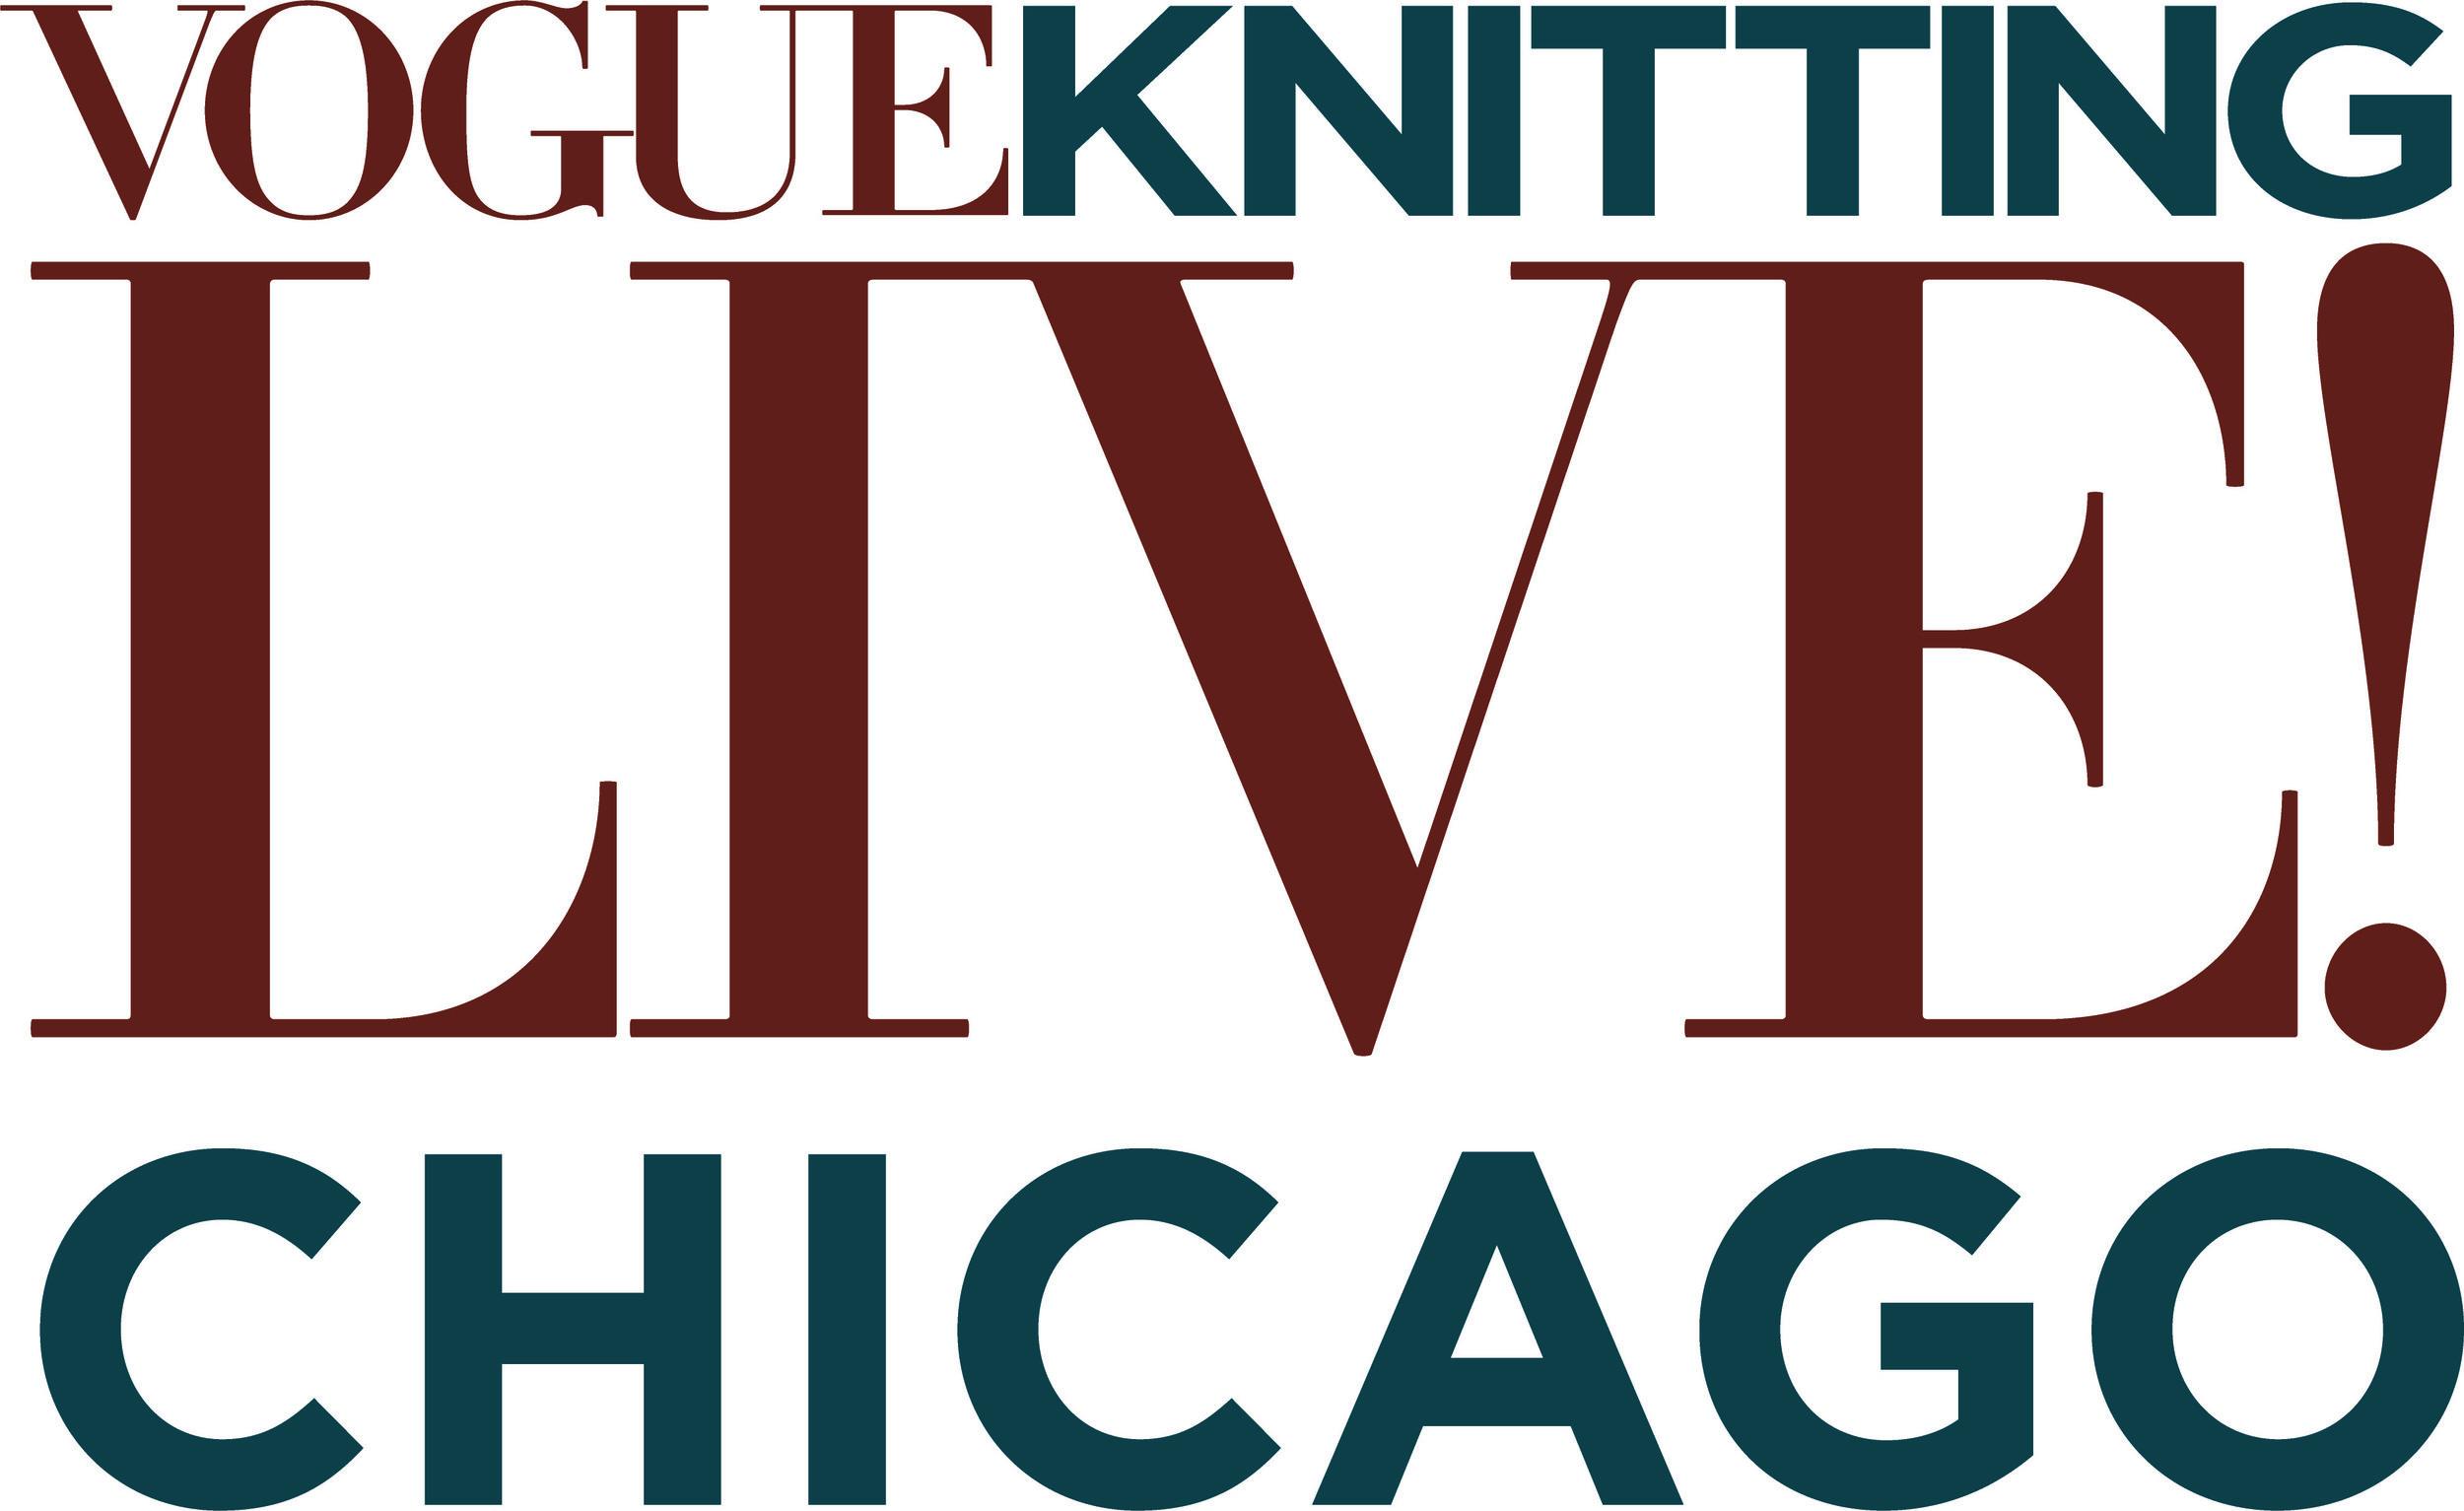 Chicago18Logo.jpg